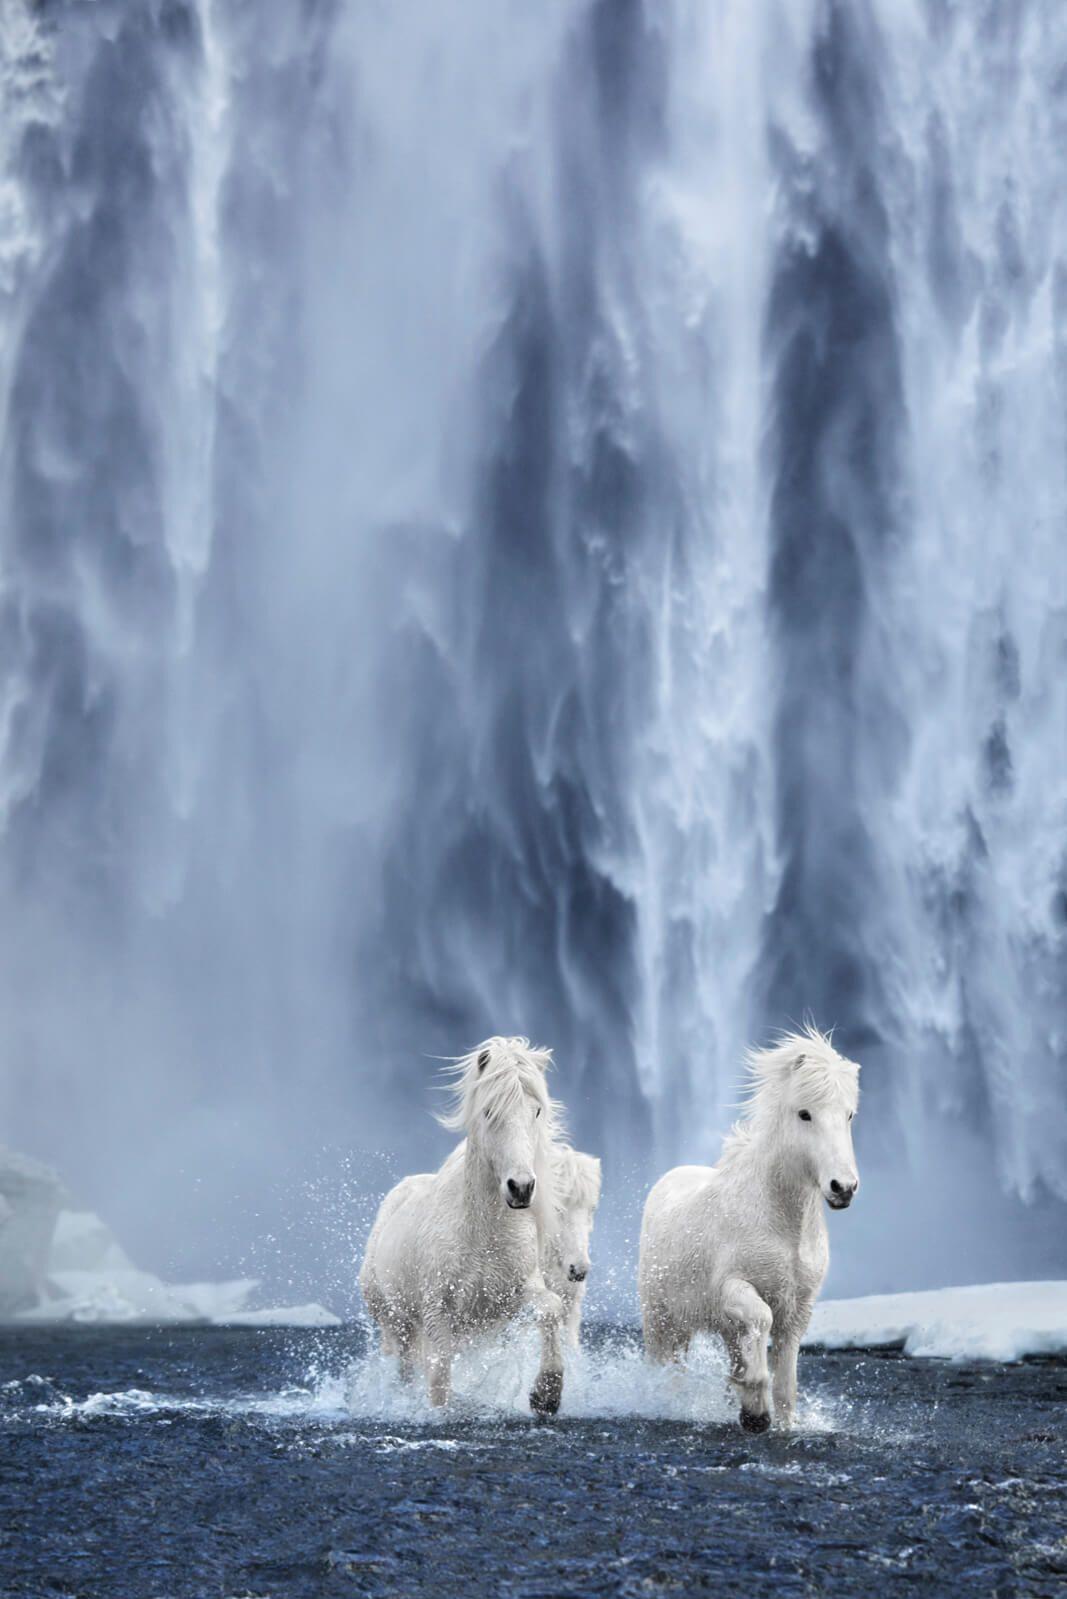 """Tác giả cho biết, anh đã dành hơn 3 tháng để lên kế hoạch về bộ ảnh. Tuy nhiên, anh vẫn gặp vô số thách thức vì điều kiện thời tiết khó lường như tuyết rơi và gió lớn. """"Tôi luôn bị cuốn hút vào những việc gần như không thể thực hiện. Vẻ đẹp siêu thực của Iceland và những con ngựa hoang mang đến khung cảnh ngoạn mục không thể nào quên"""", anh nói."""